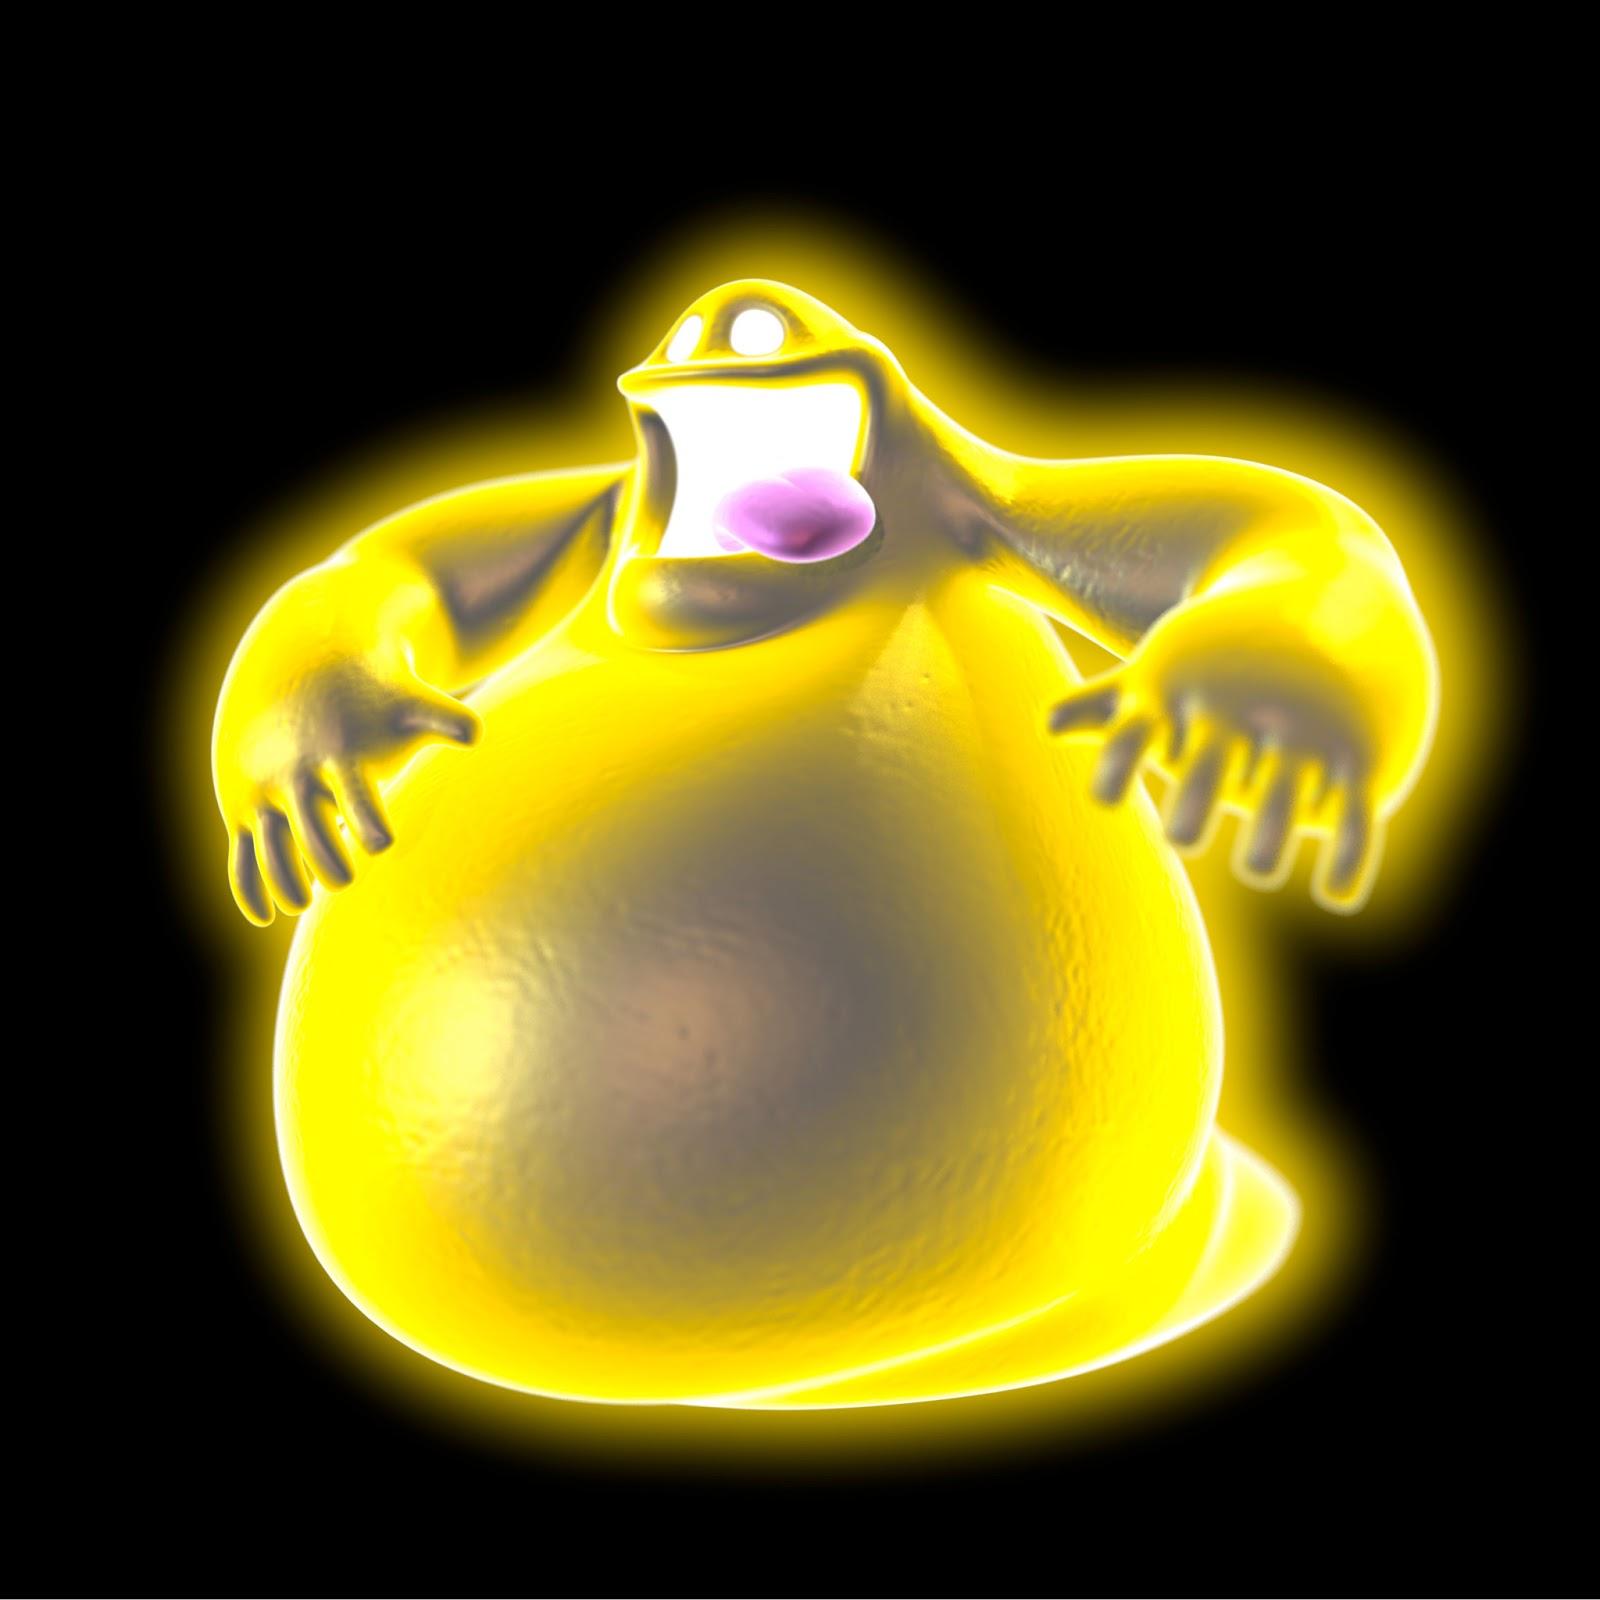 fantasma luigi's mansion-gamecube